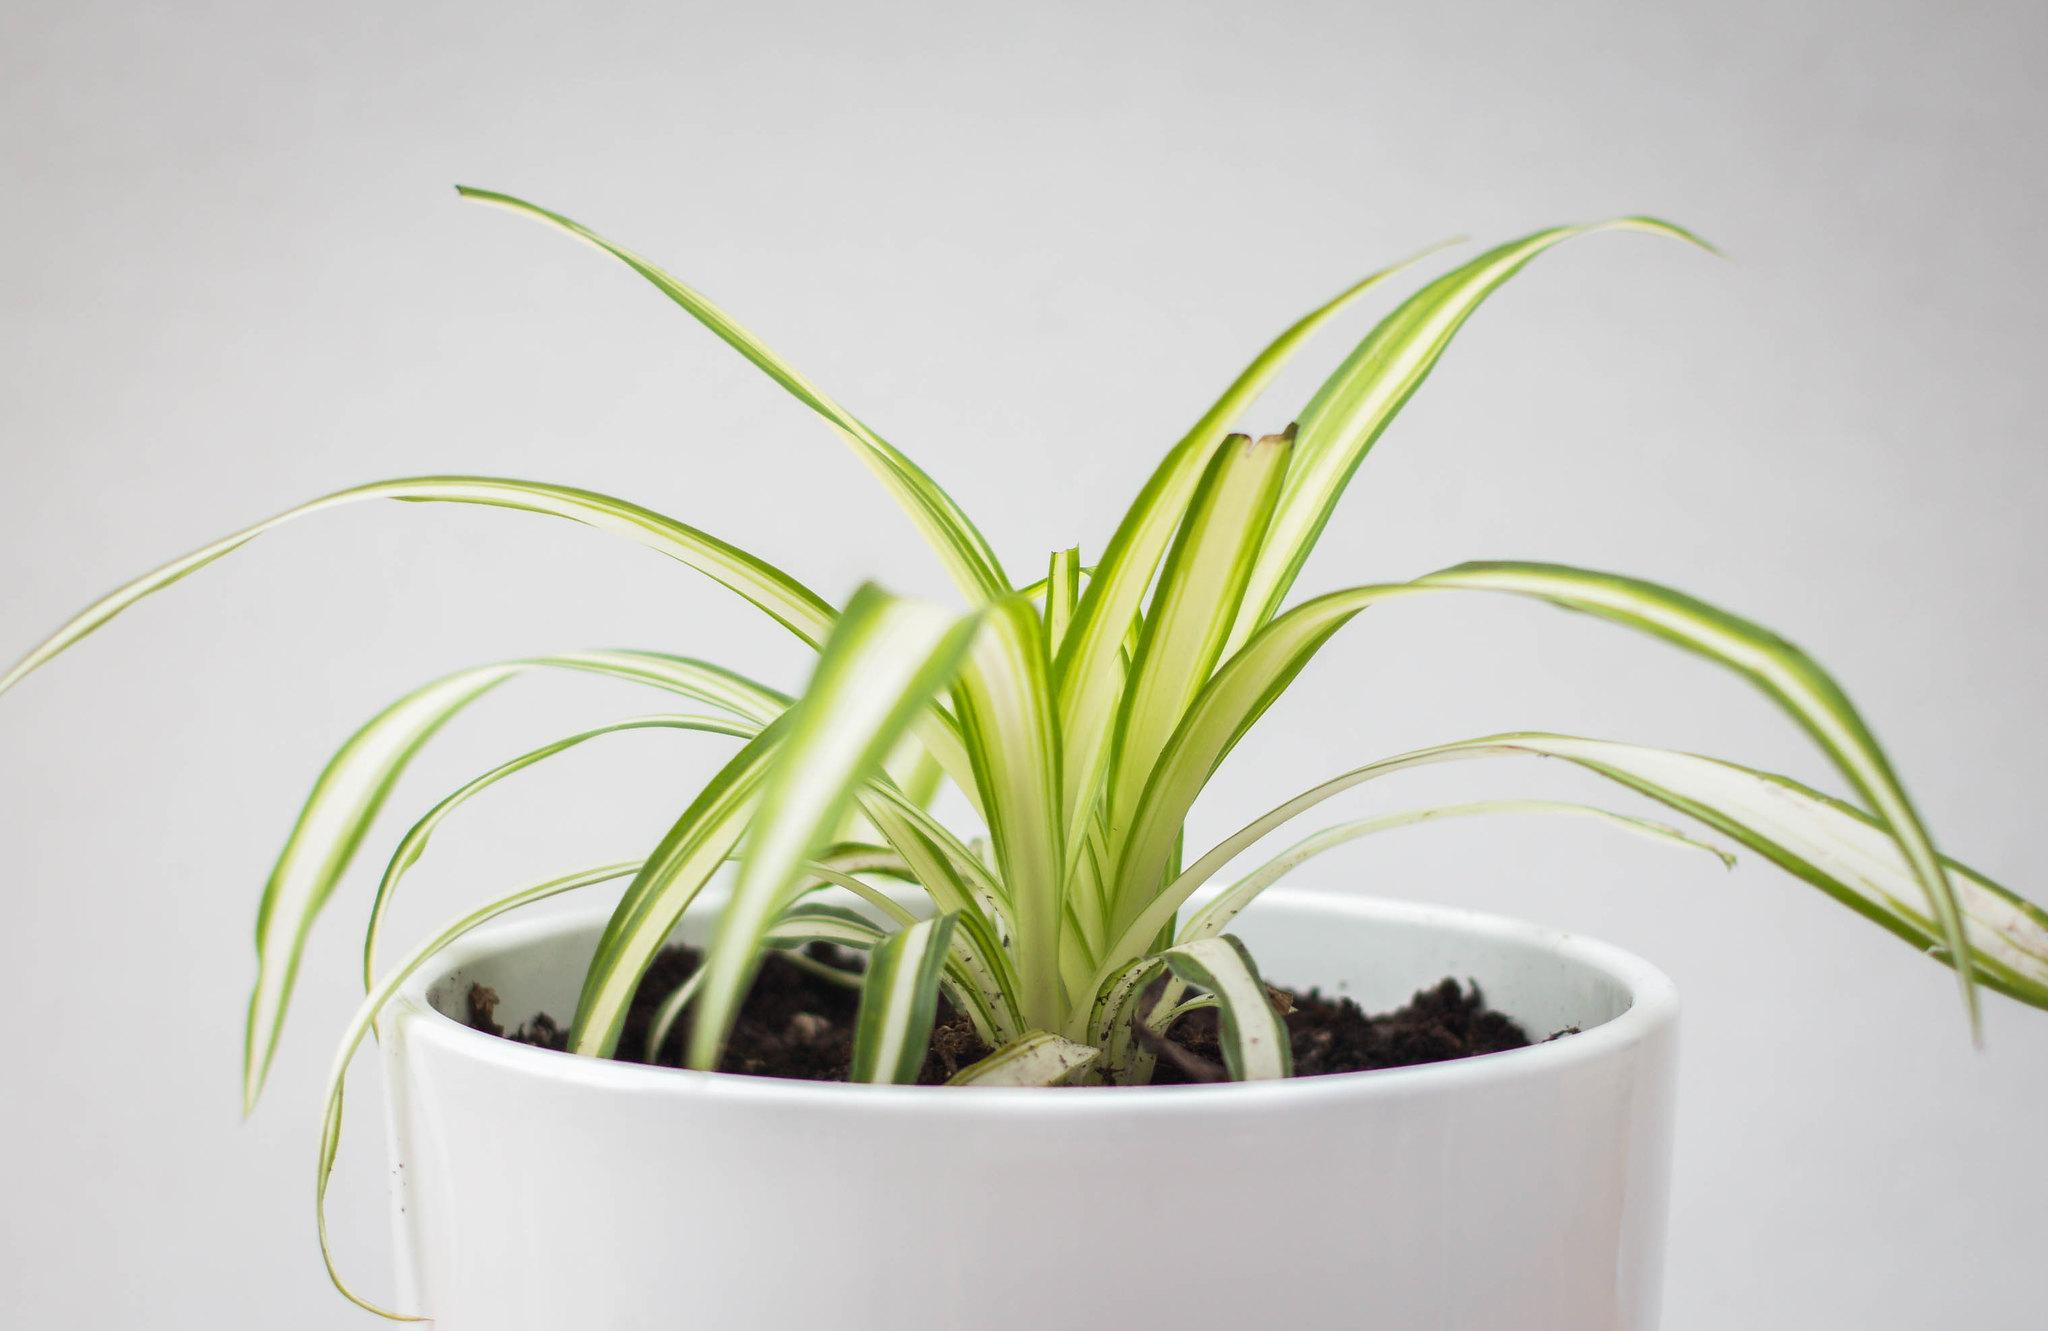 spider plant close